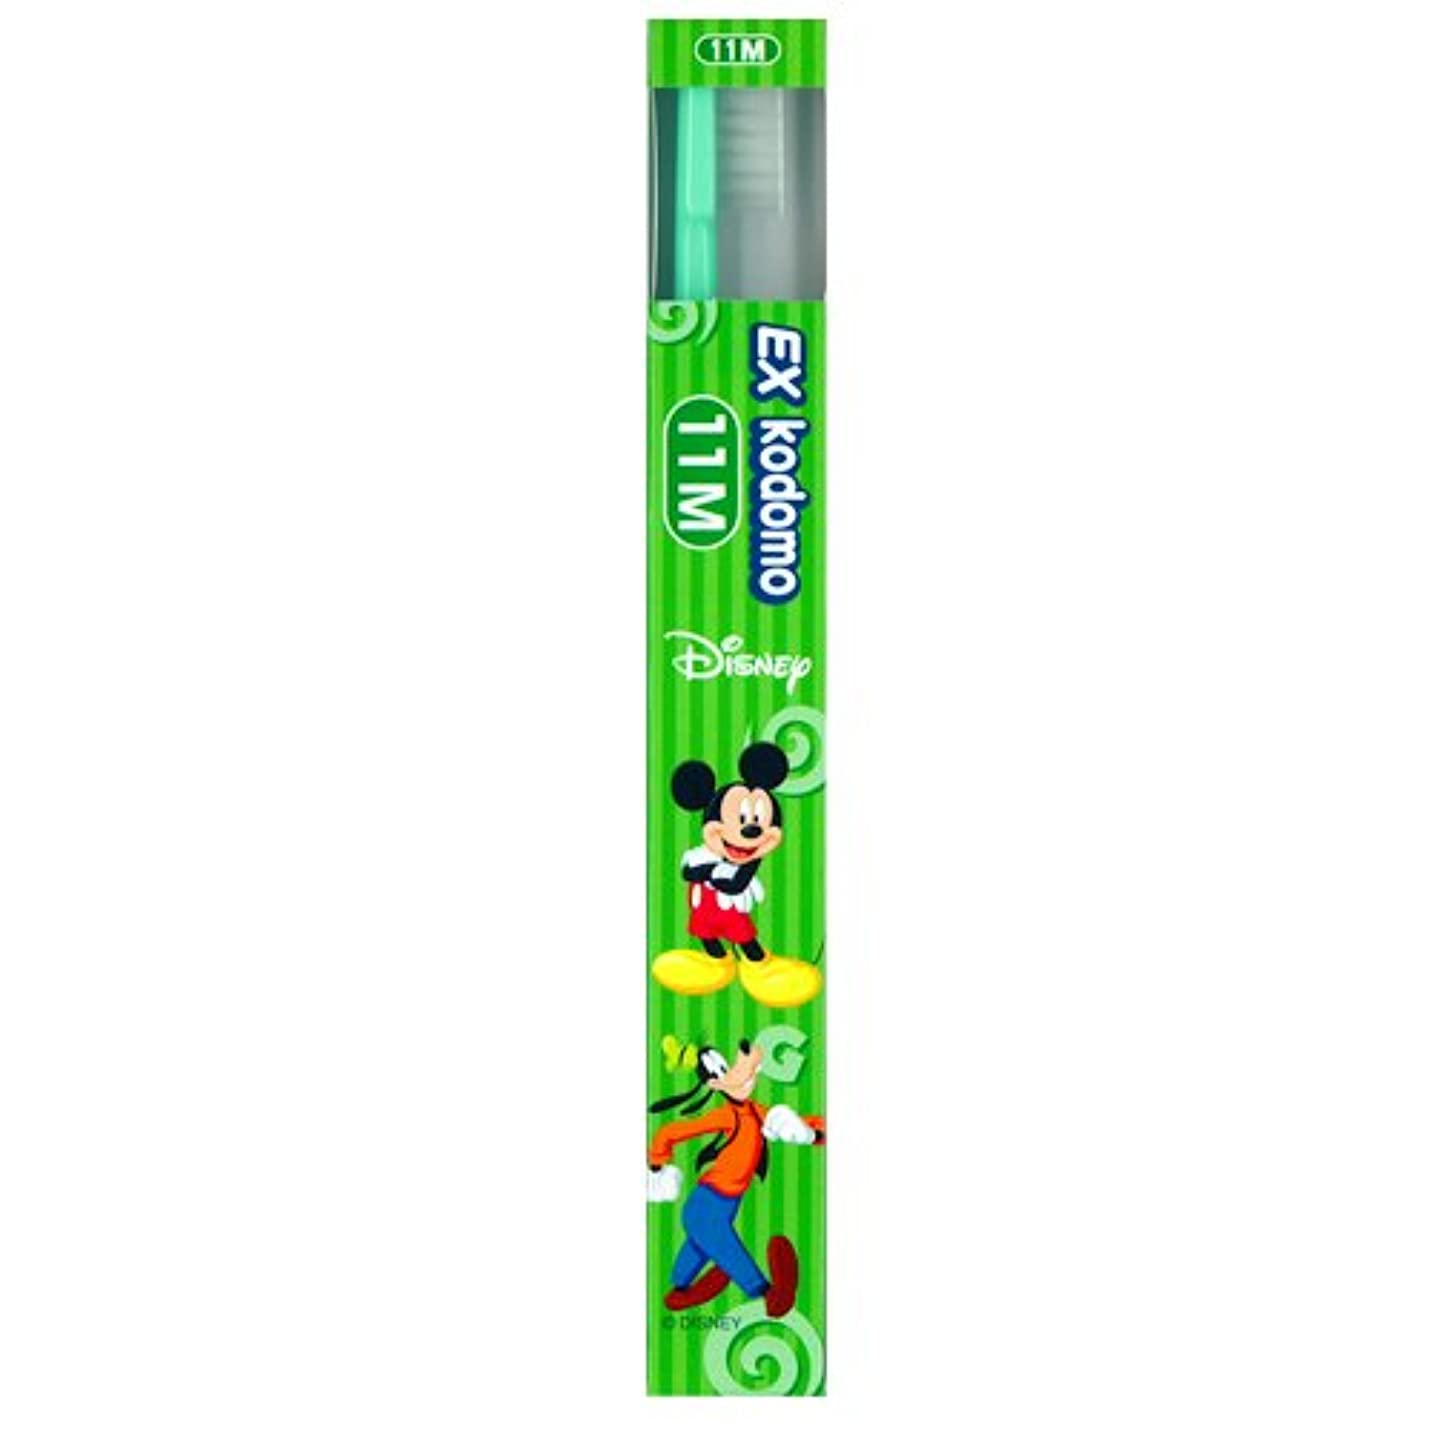 杖完全に乾くウサギライオン EX kodomo ディズニー 歯ブラシ 1本 11M グリーン